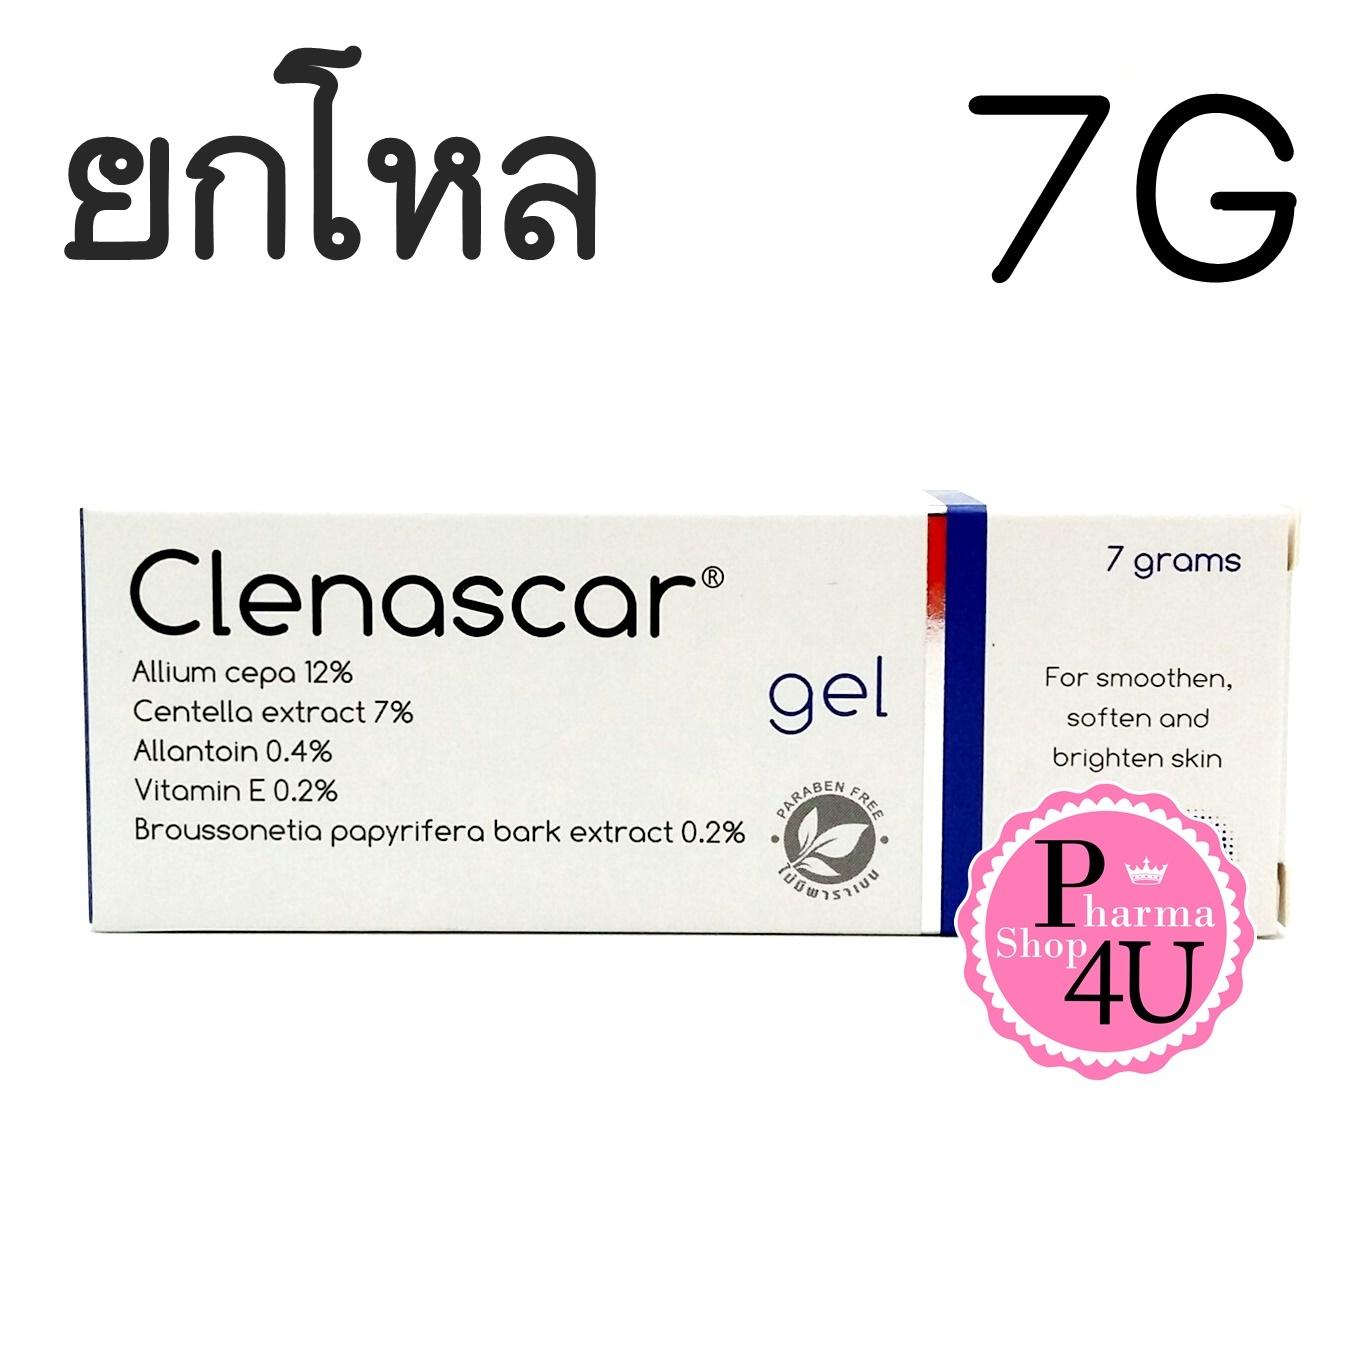 (ยกโหล ราคาส่ง) Clinascar Gel 7g เจลบำรุง ช่วยให้ผิวเรียบเนียน สีผิวสม่ำเสมอ ลดรอยดำ รอบแดง รอยสิว รอยนูน ด้วย allium cepa สูงถึง12%